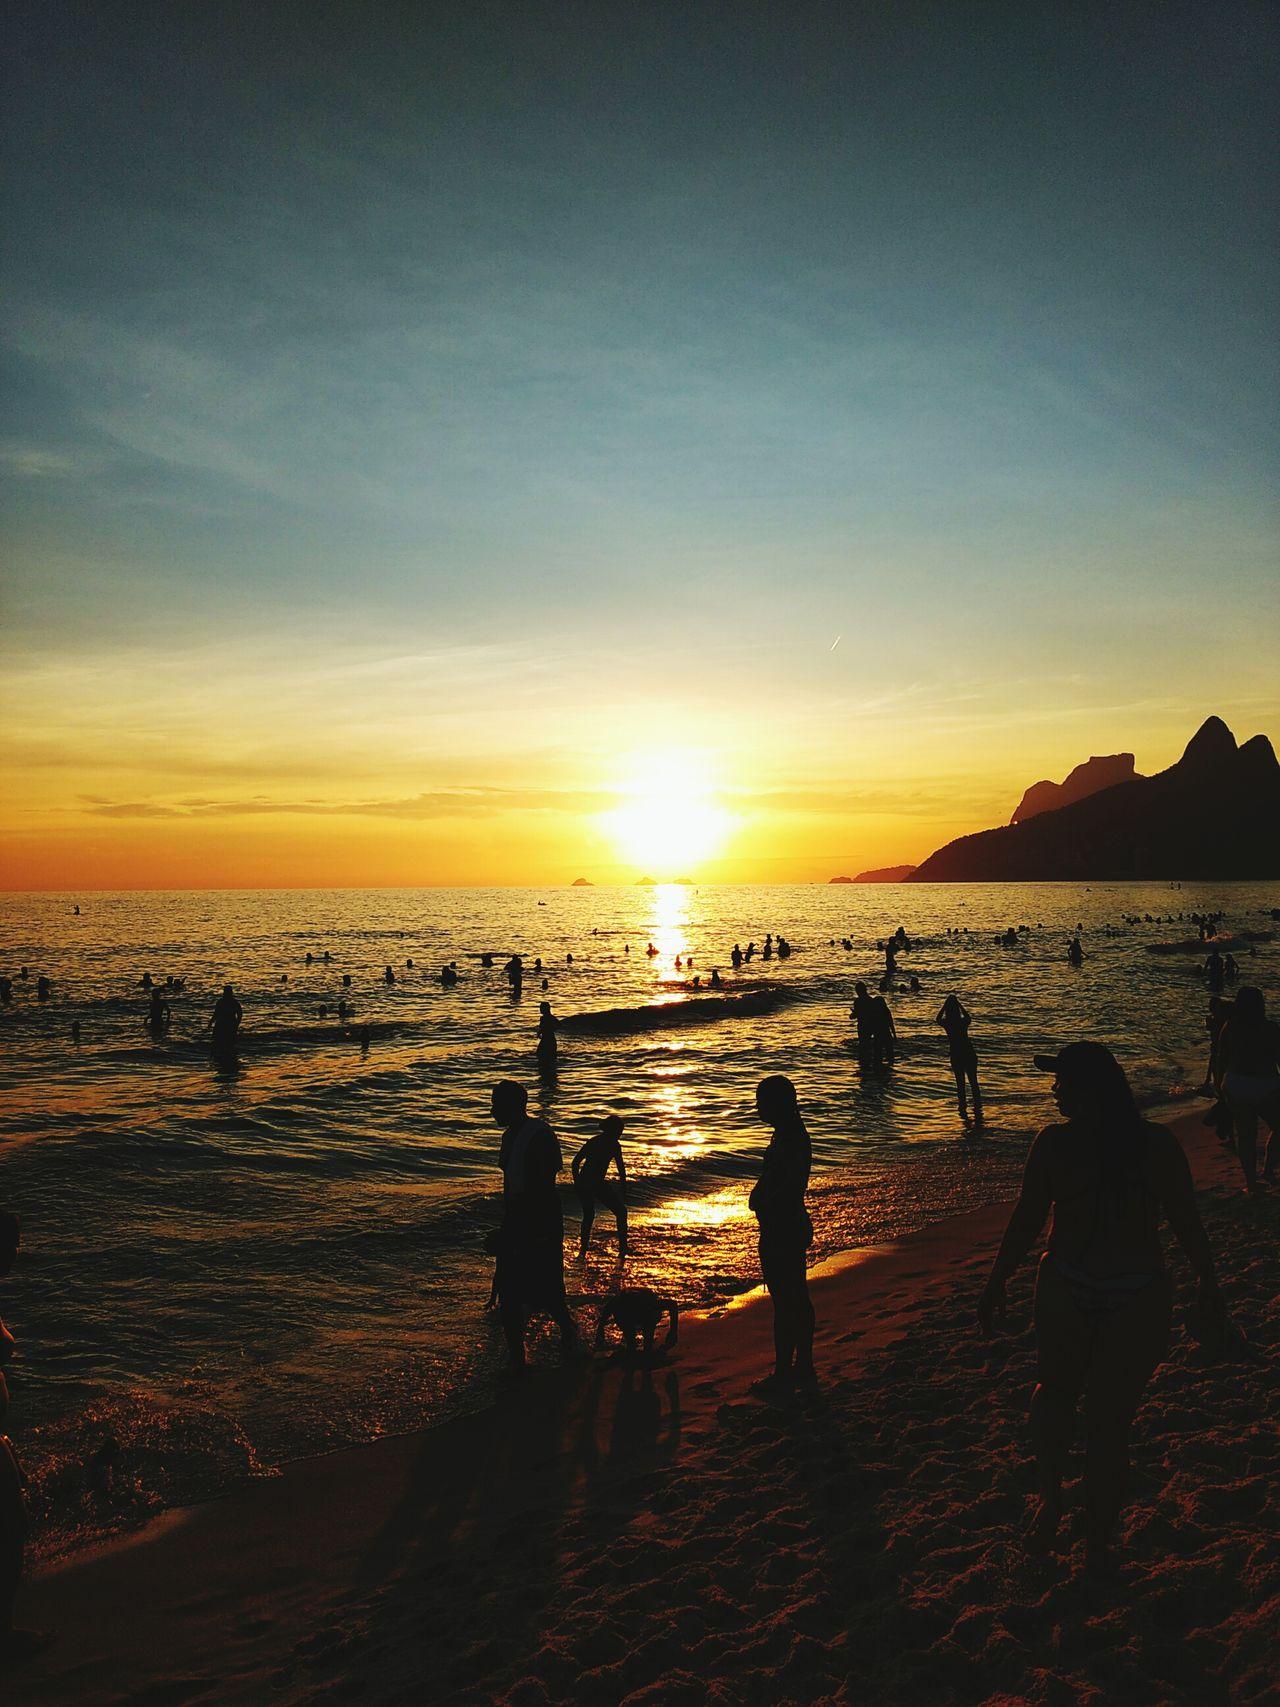 Sunset at Ipanema Beach - Rio de Janeiro - Brazil First Eyeem Photo Beach Sunset Summer Sunlight Rio De Janeiro Ipanema Ipanema Beach Brazil